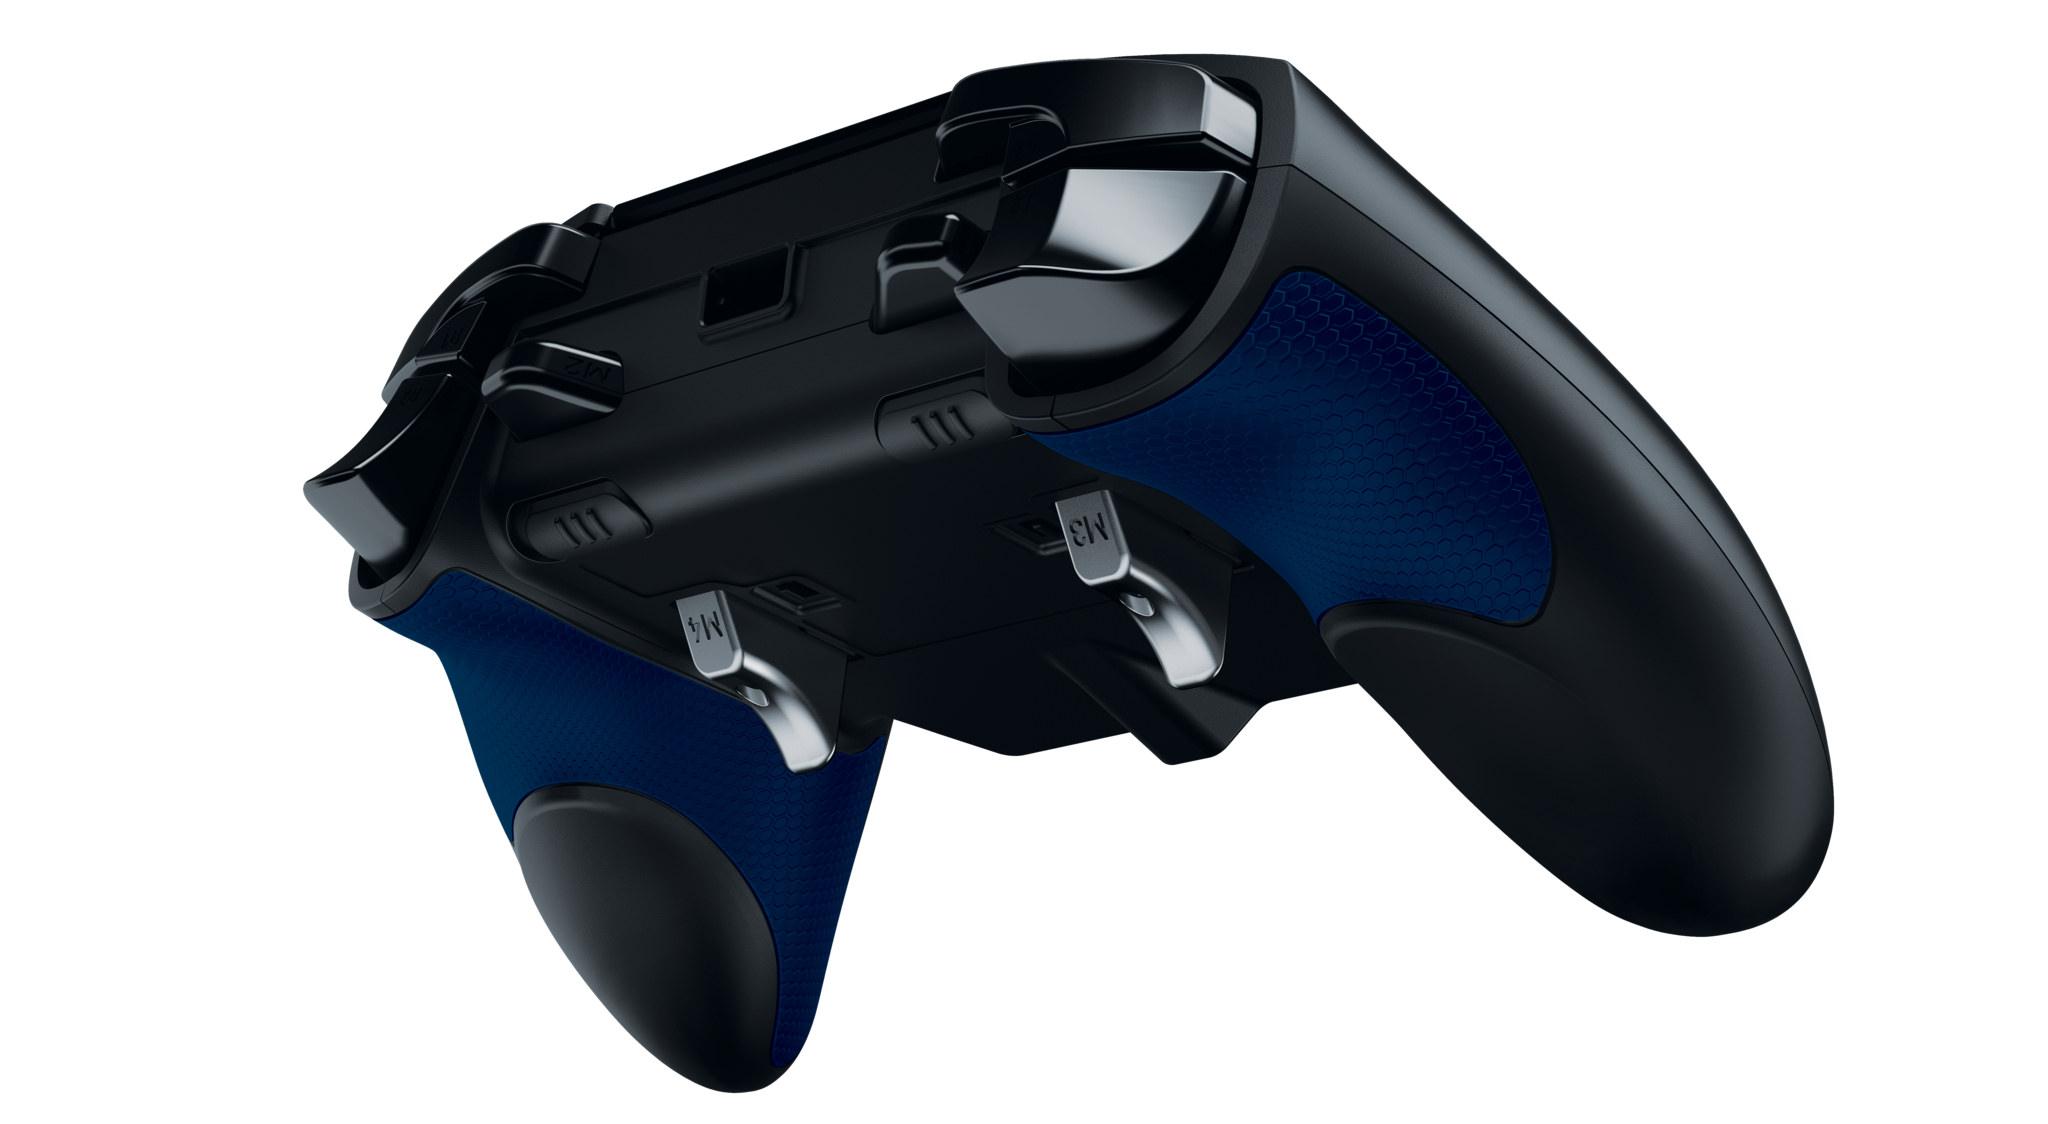 Сони анонсировала новые геймпады для PS 4